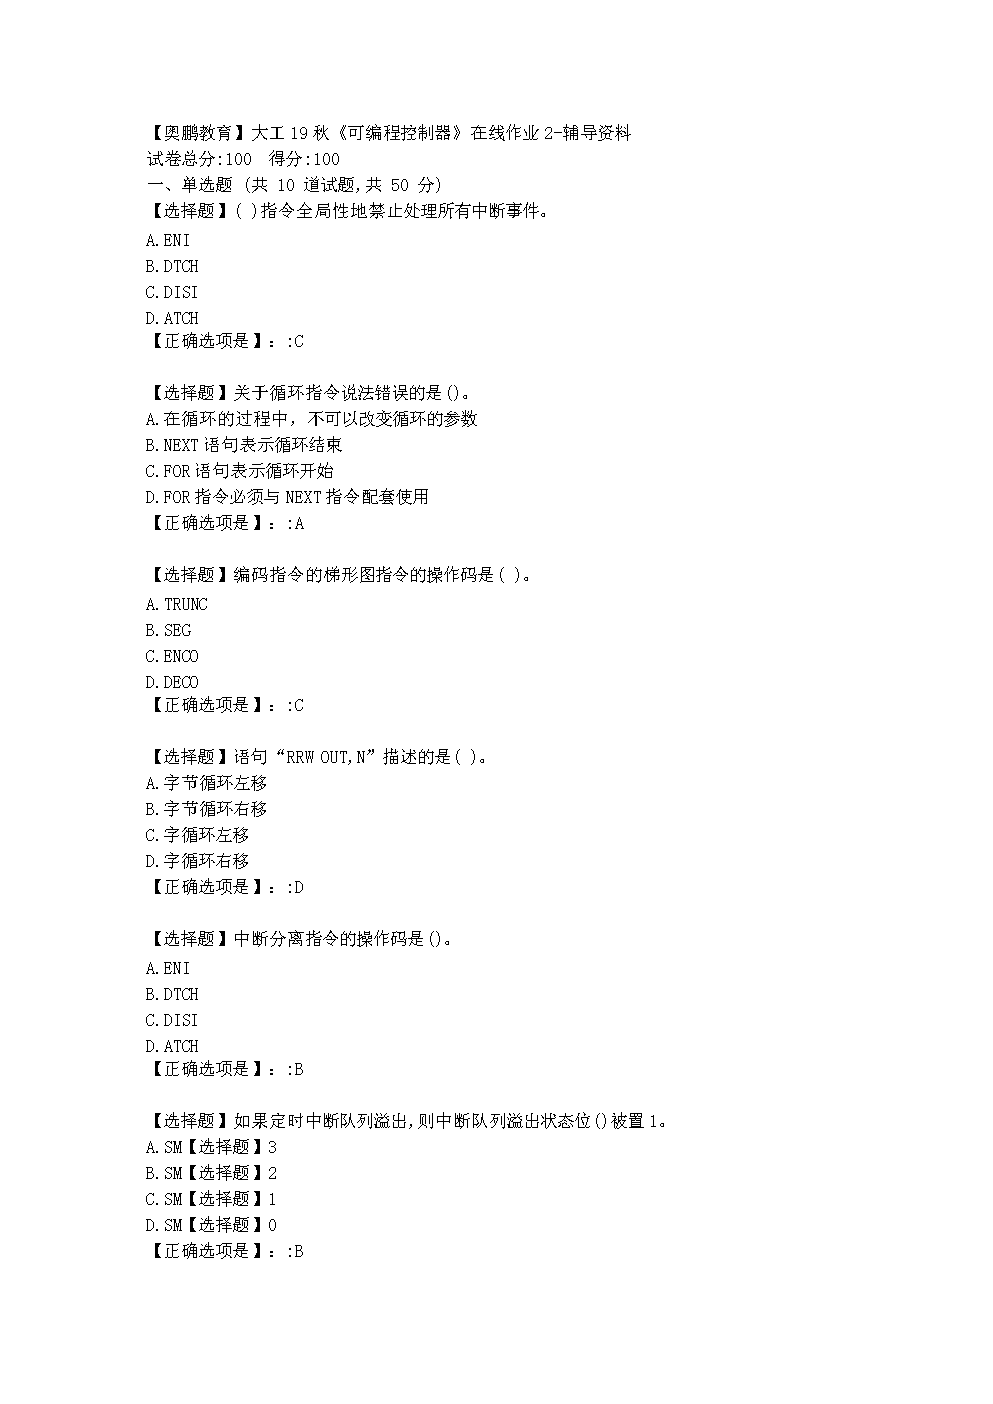 大连理工大学19秋《可编程控制器》在线作业2学习资料.doc